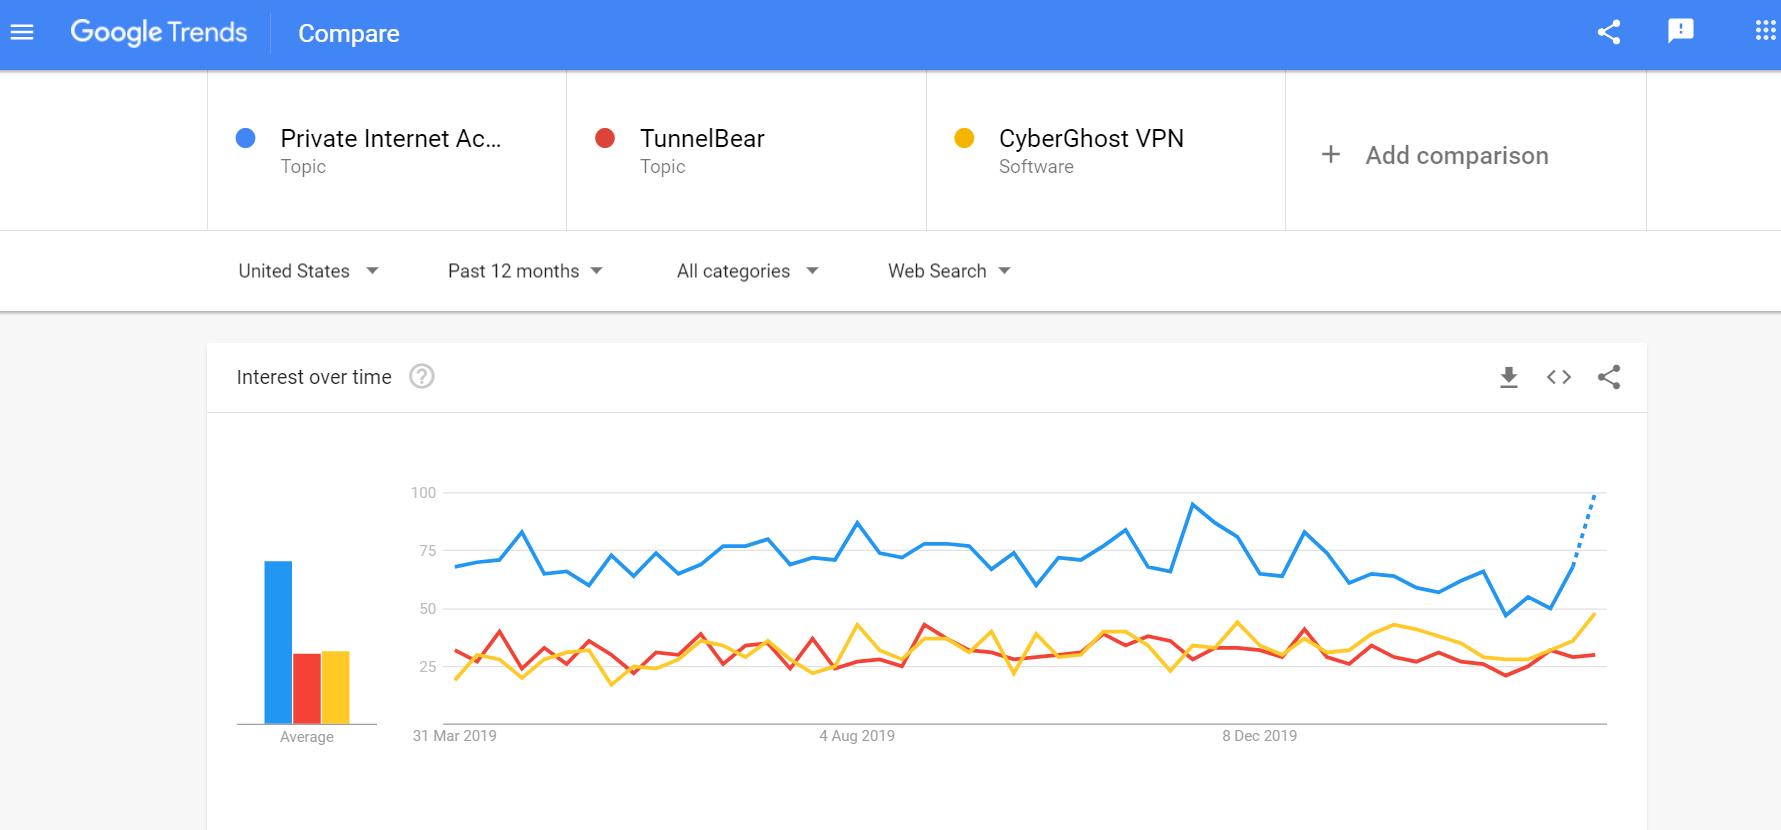 PIA vs CyberGhost vs TunnelBear comparison